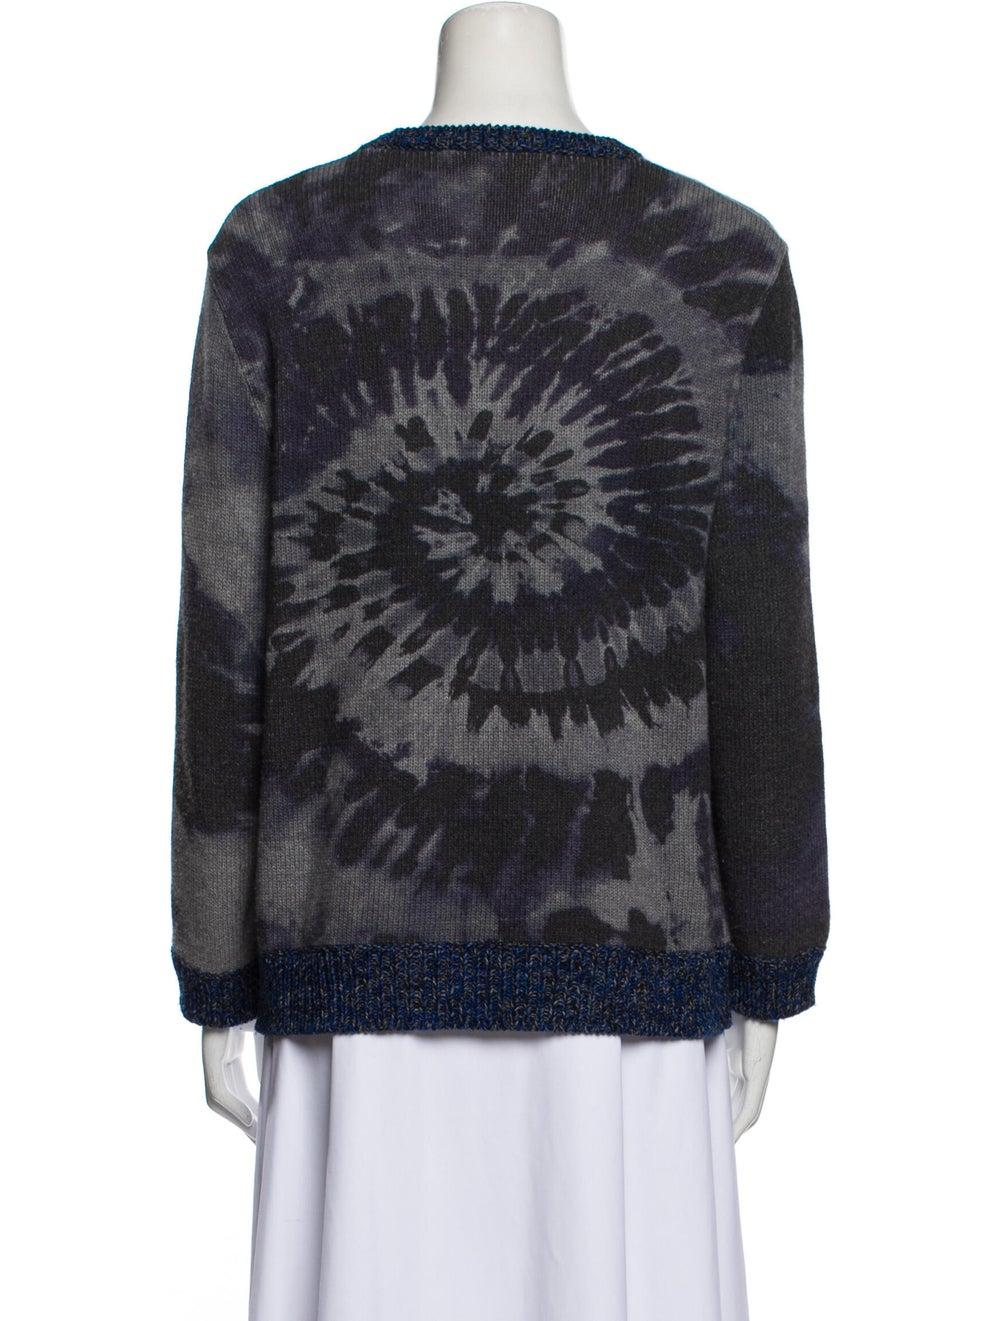 Valentino Virgin Wool Tie-Dye Print Sweater Wool - image 3